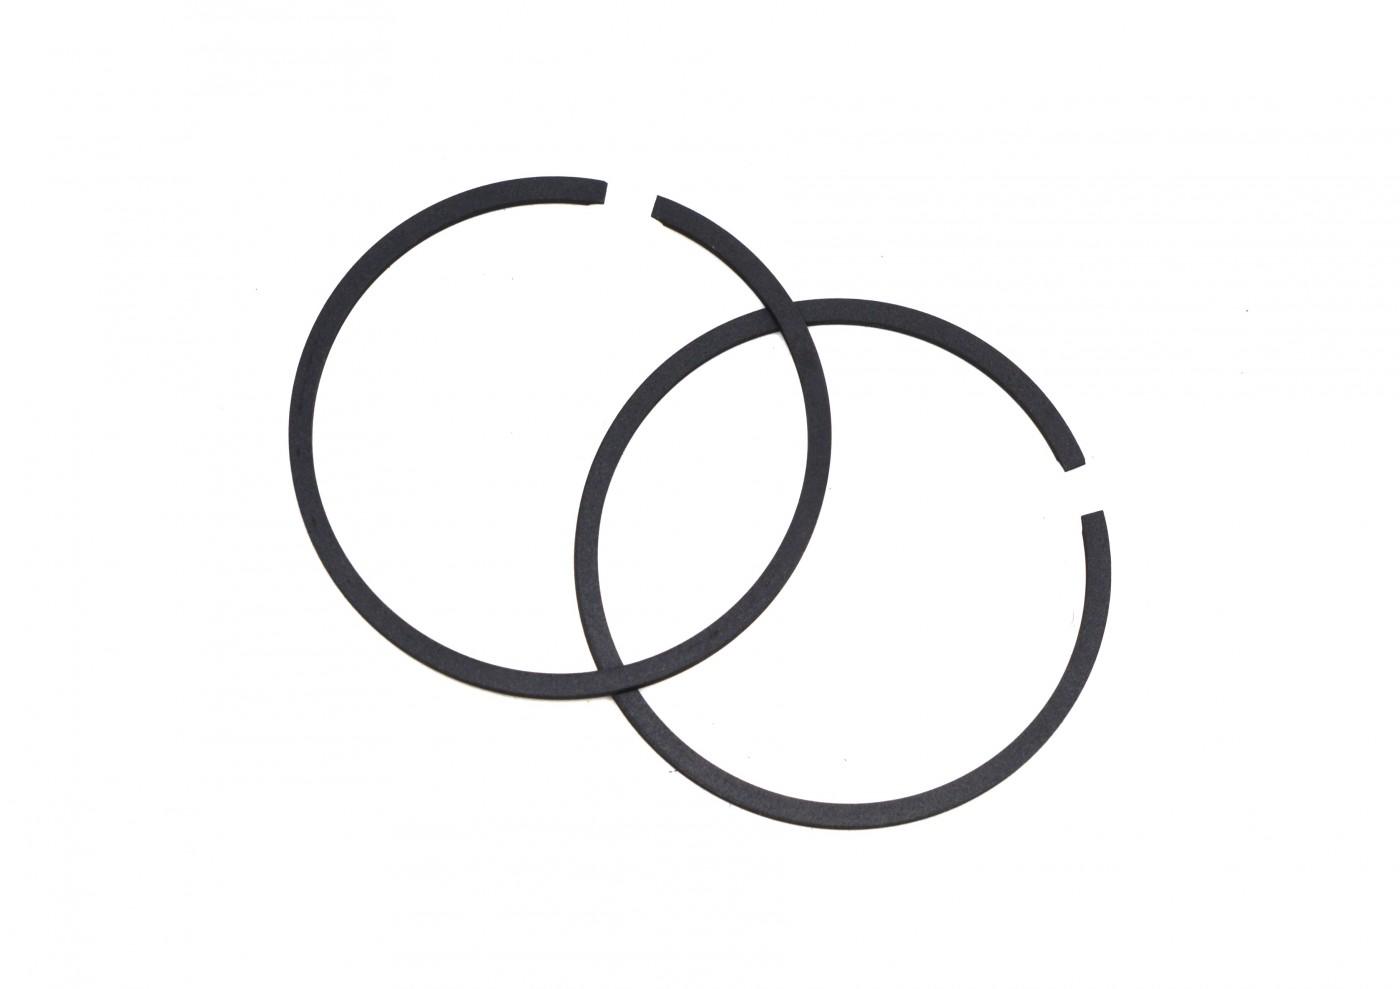 Sada pístních kroužků - 42 mm